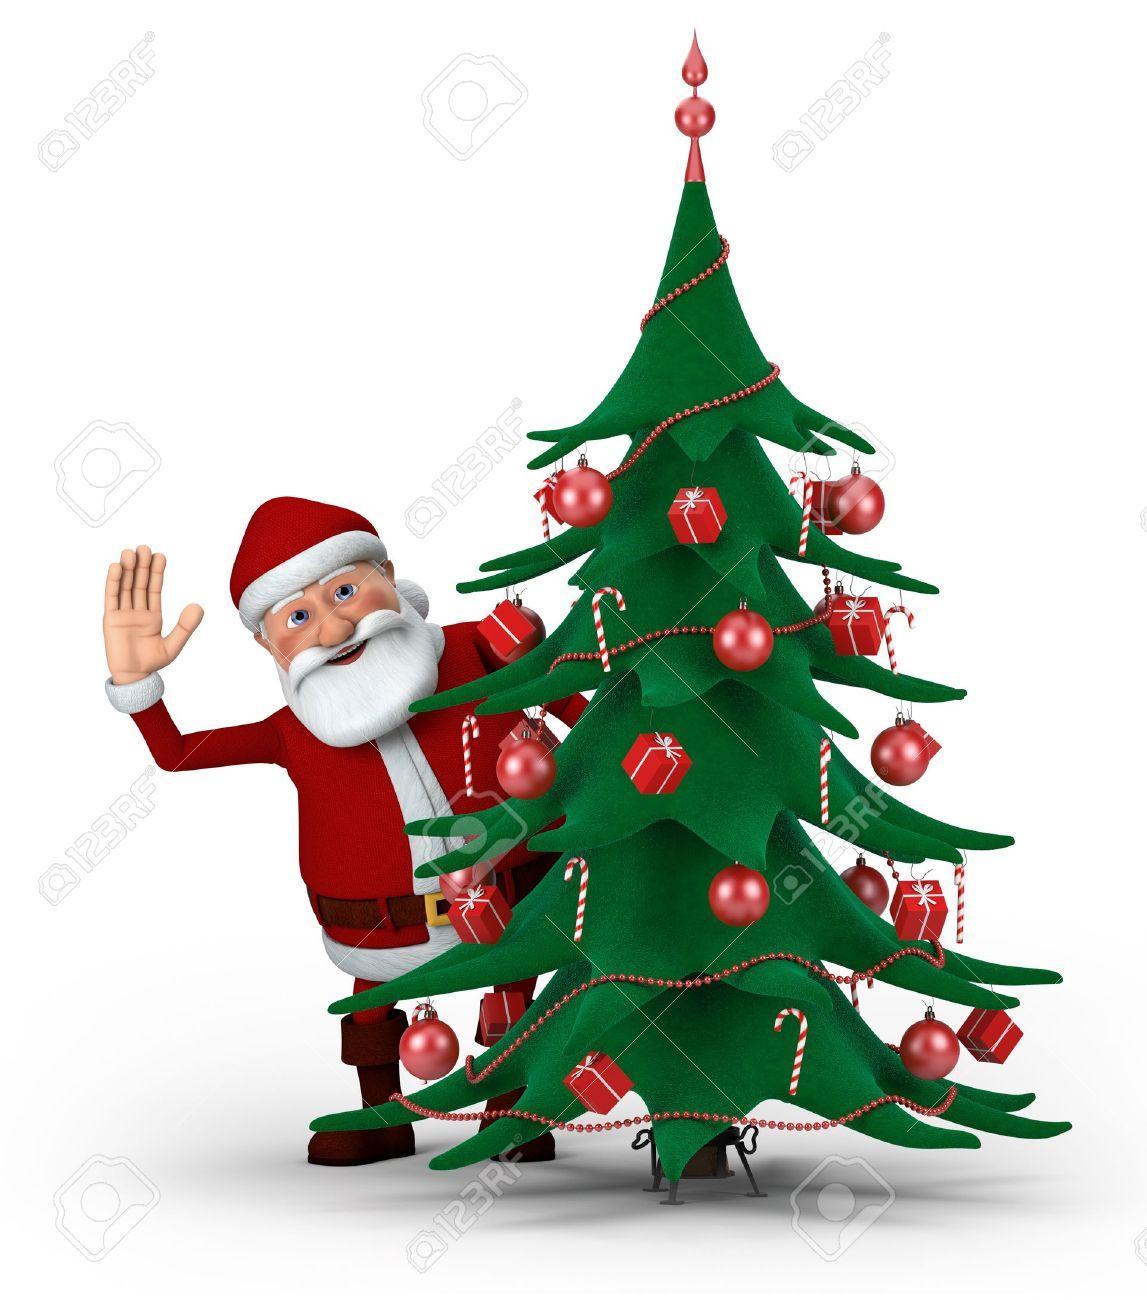 Dibujos Animados De Santa Claus Saludando Desde Detrs Del rbol De